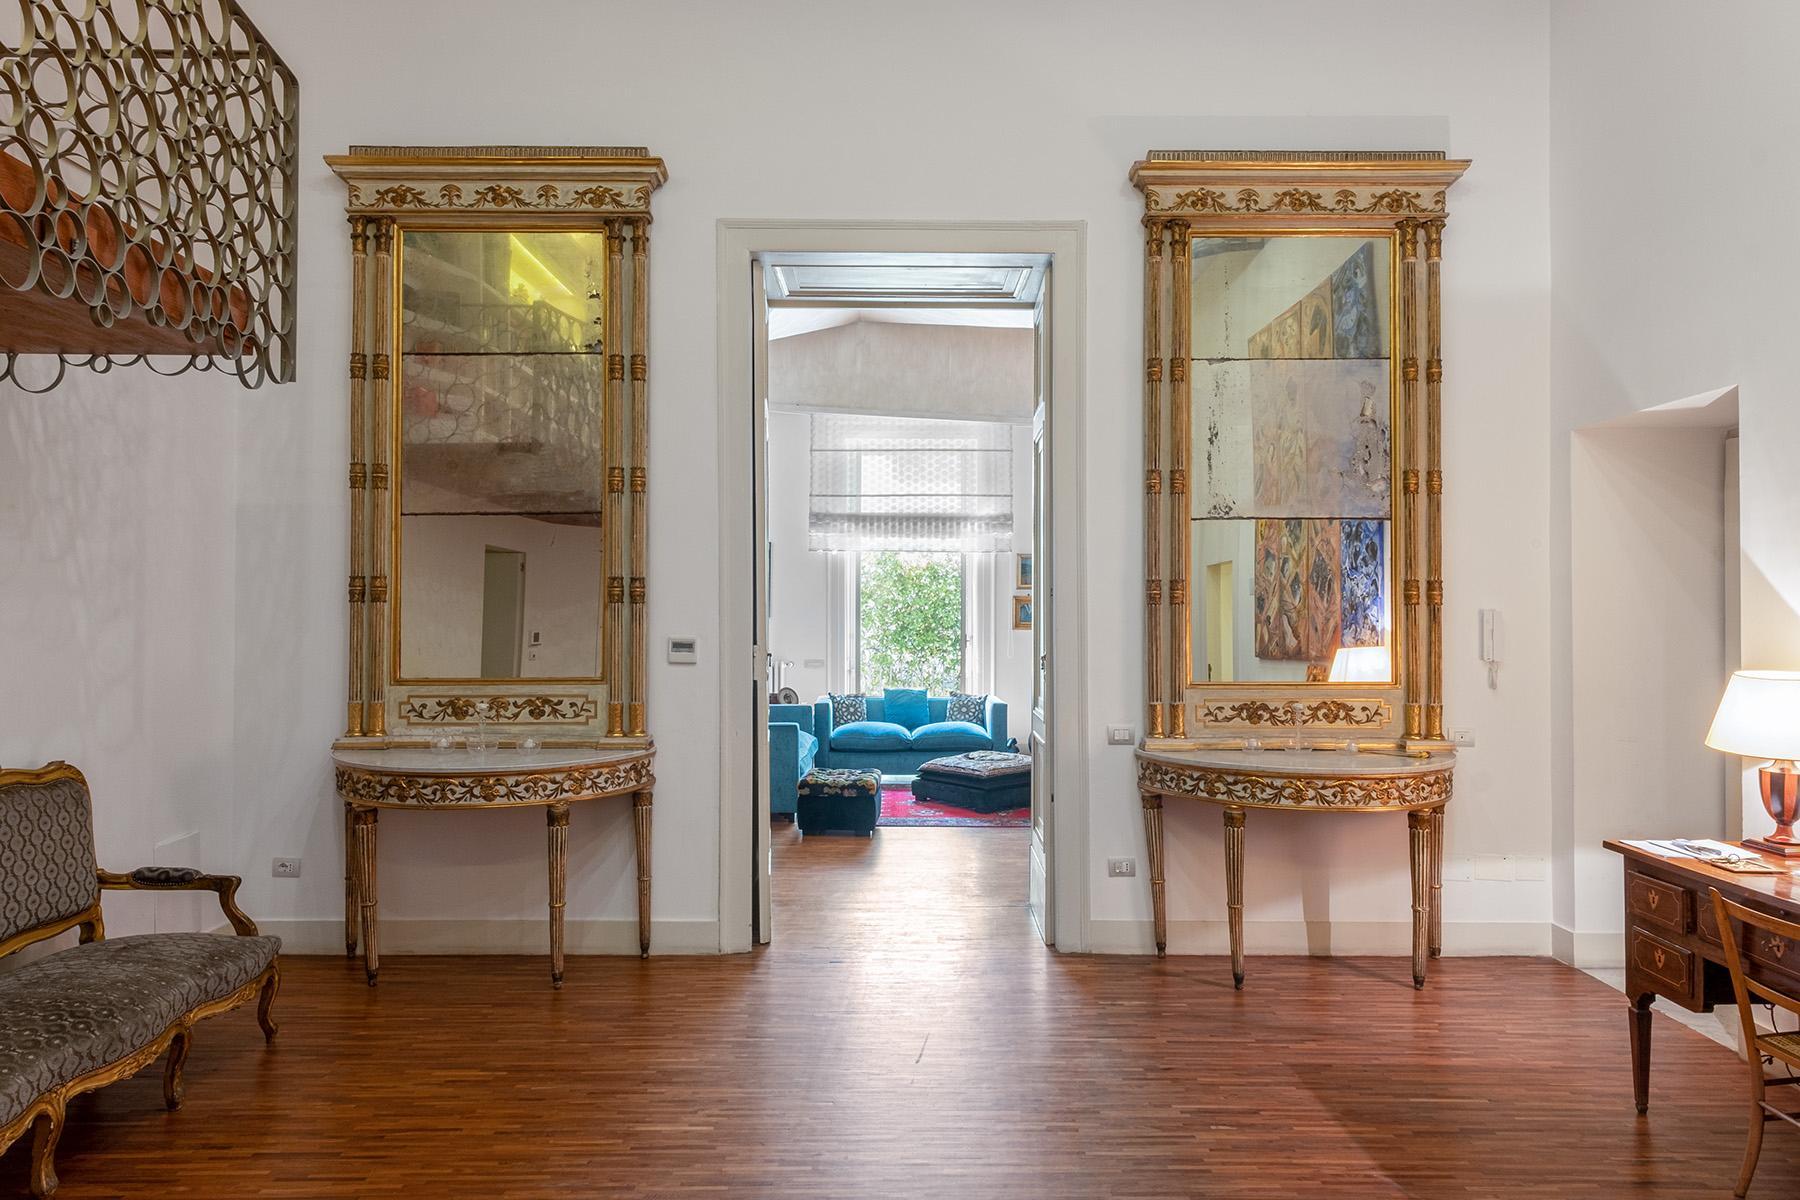 Eclettico appartamento di design in palazzo storico - 5